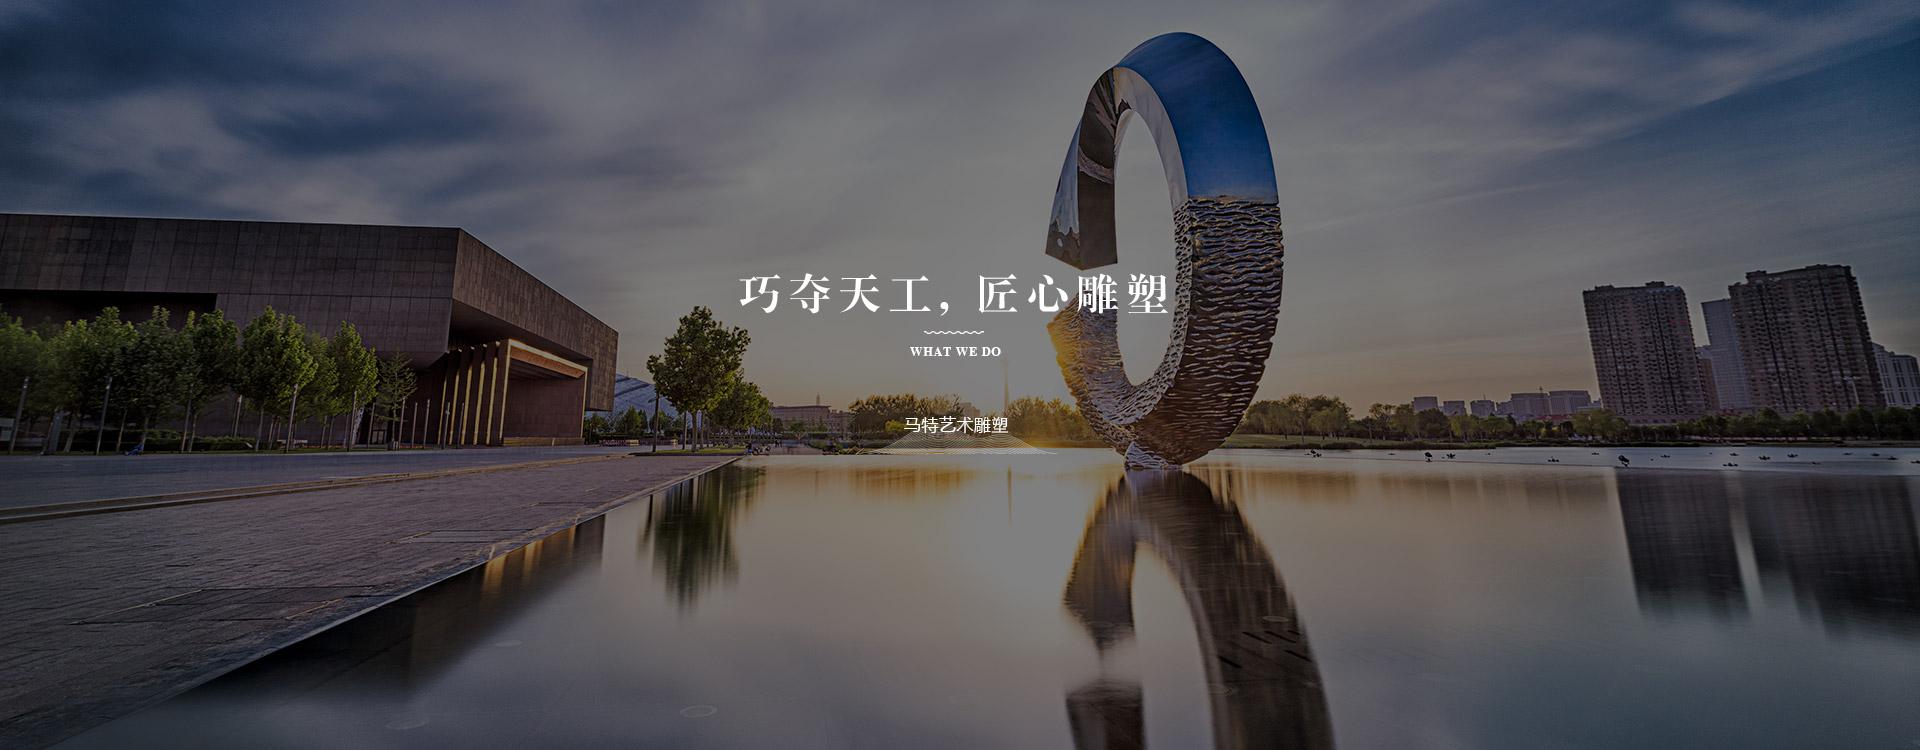 陕西哪有雕塑厂家